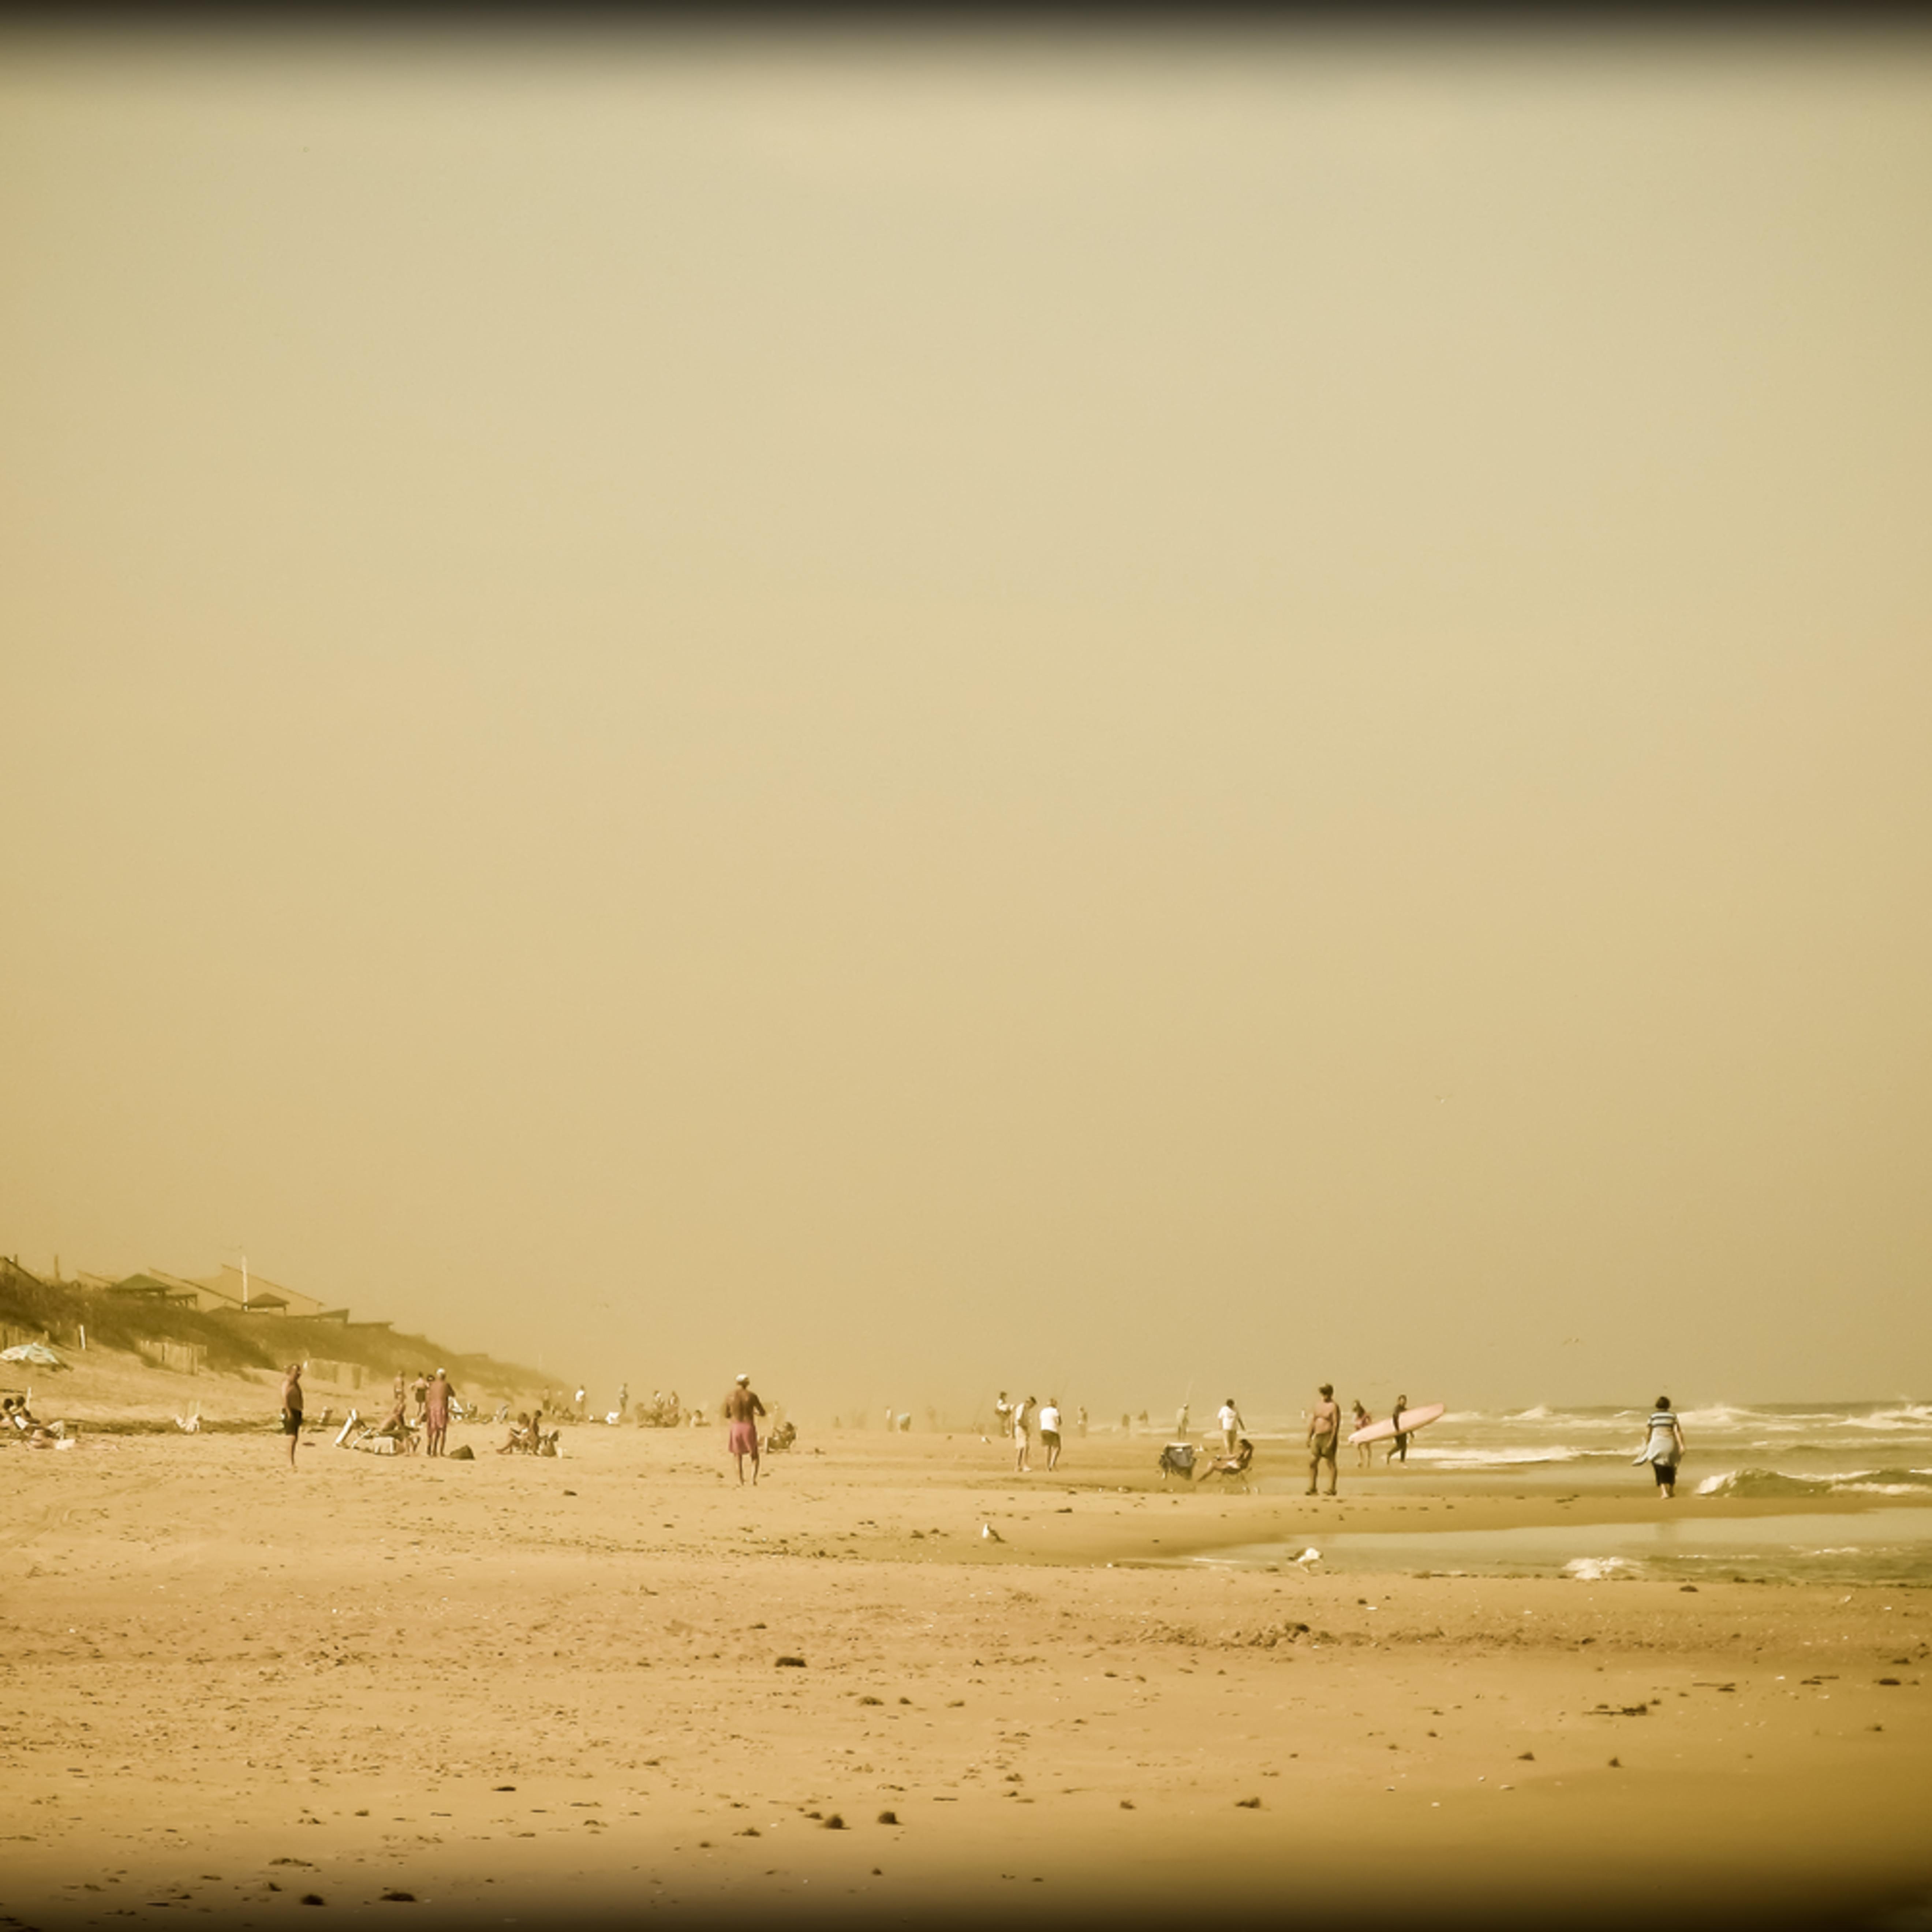 Beach  1 5443 2 f3s5e7